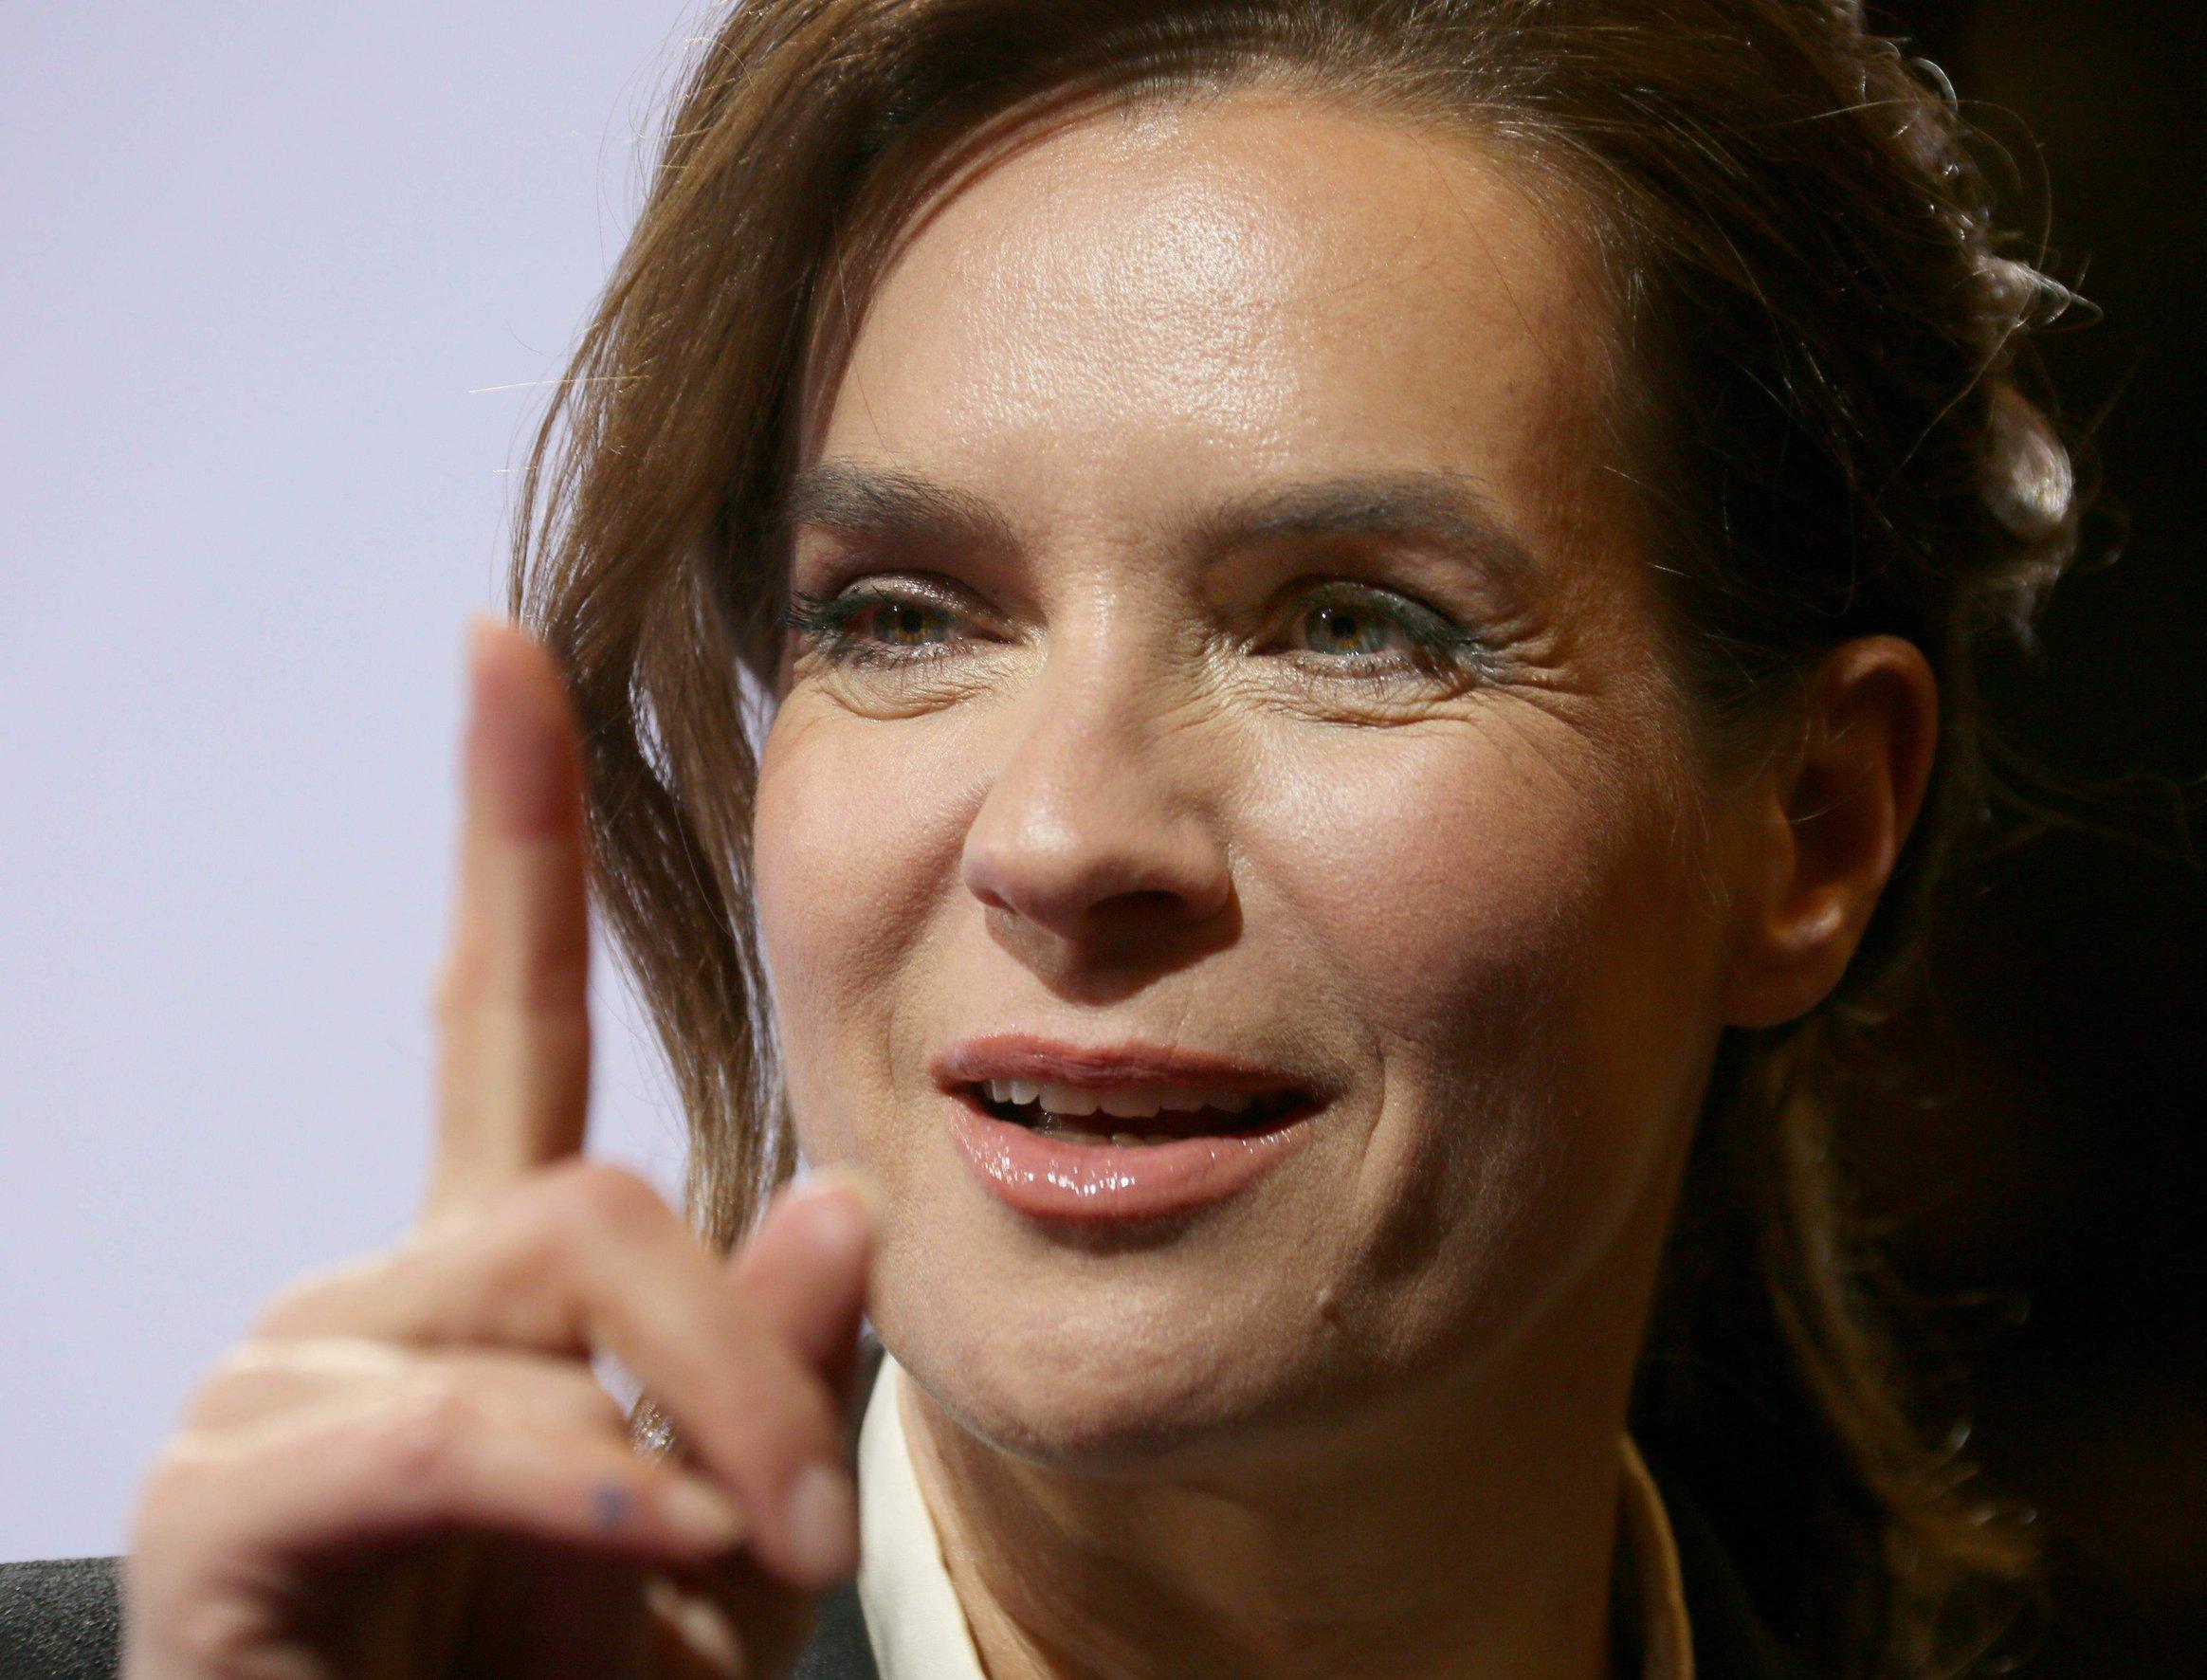 Katarina Witt Premiere  Der Feind in meinem Leben  Berlin January 16, 2013